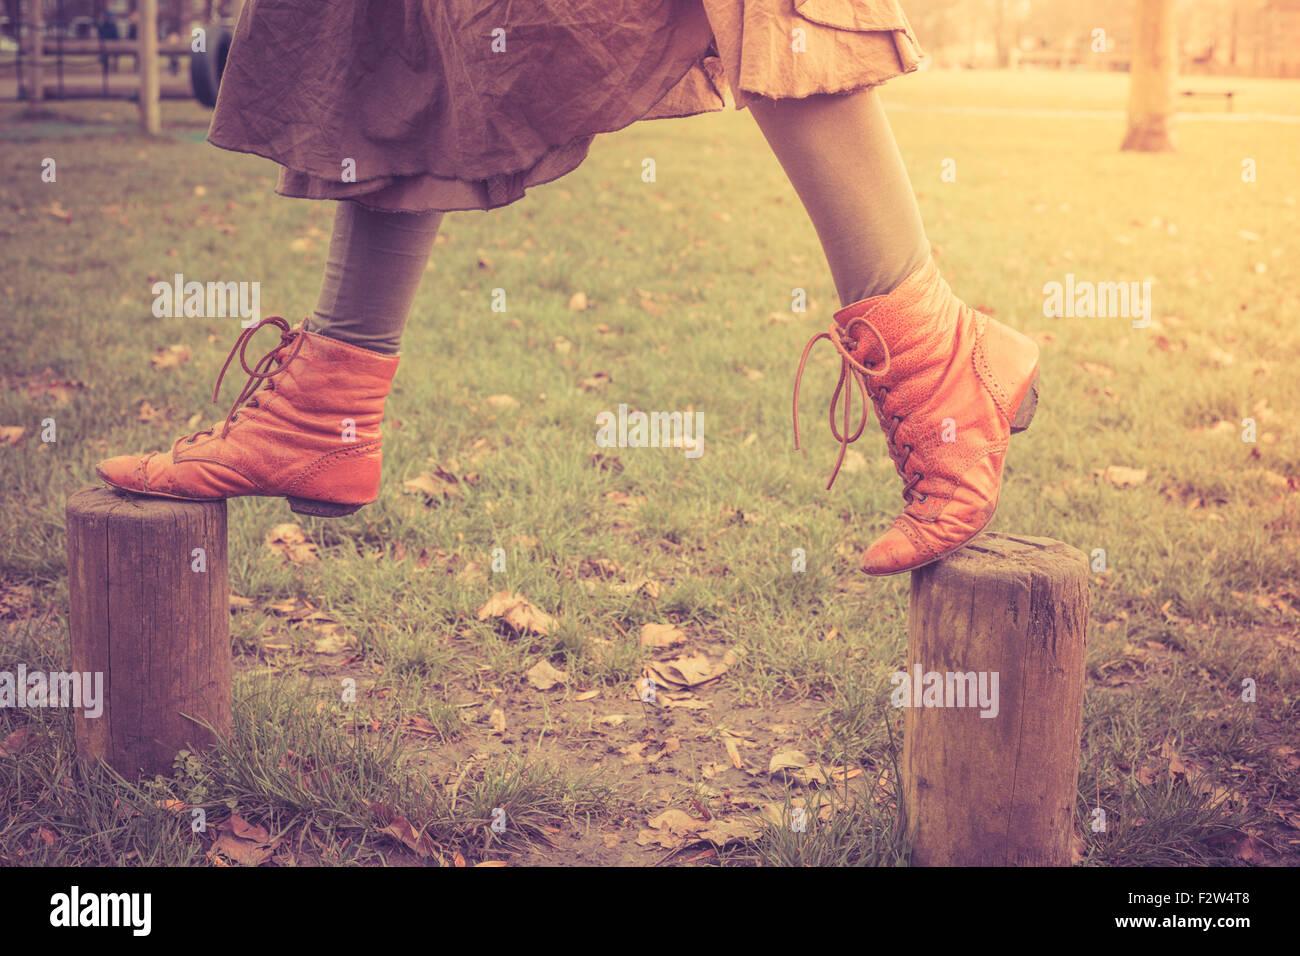 Una donna è scherzosamente camminando su alcuni piccoli posti di legno nel parco Immagini Stock